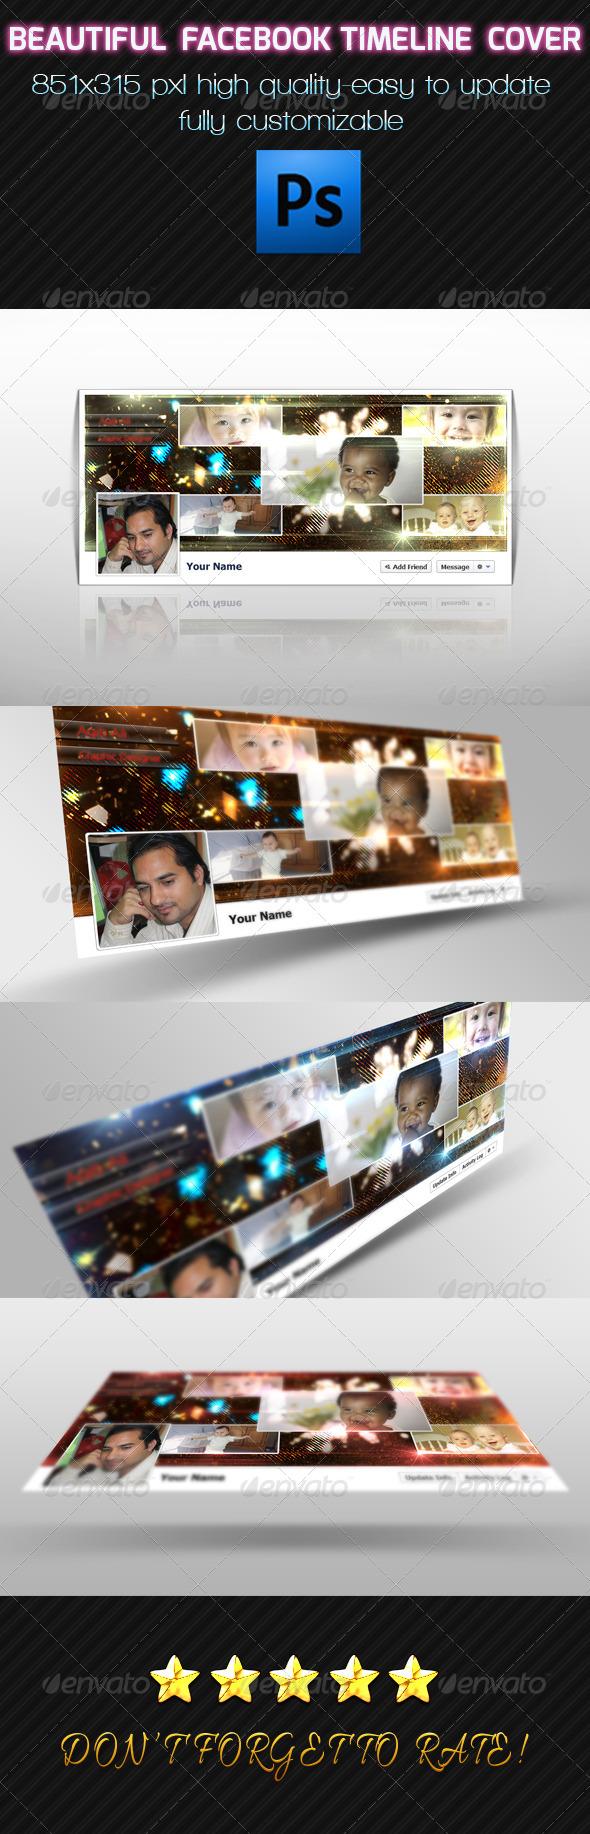 Facebook timeline 03 - Facebook Timeline Covers Social Media